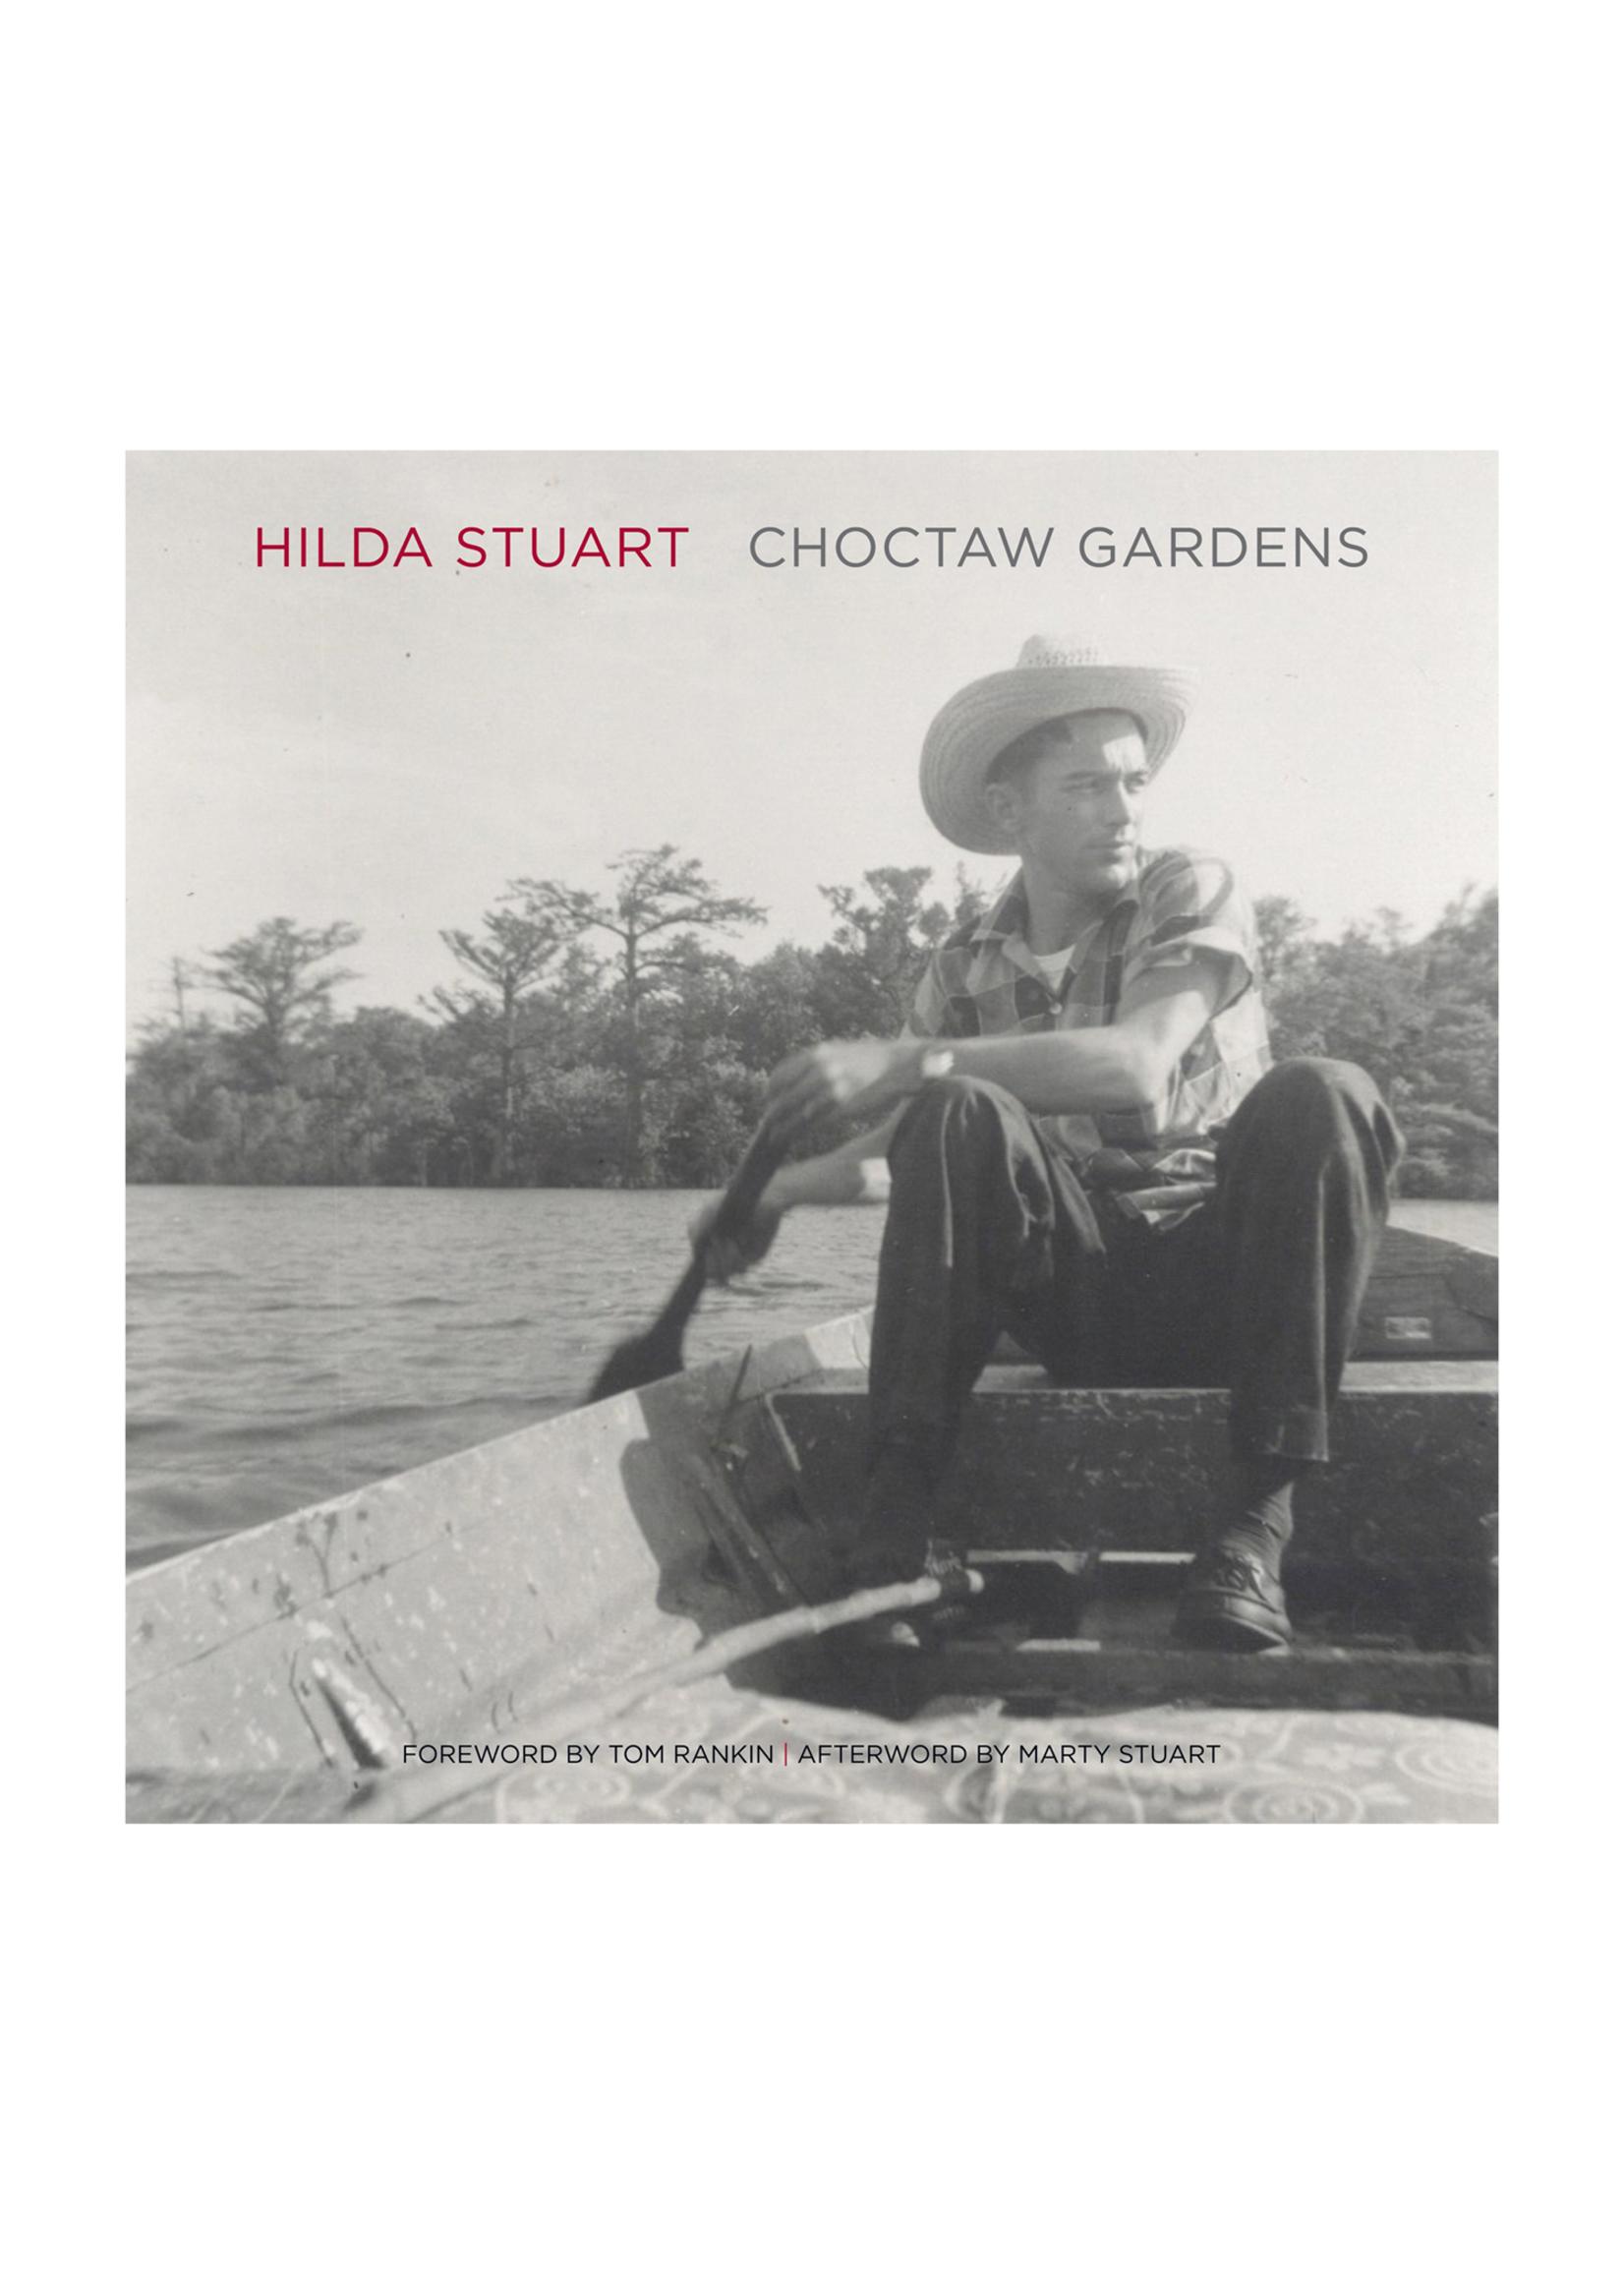 Choctaw Gardens by Hilda Stuart